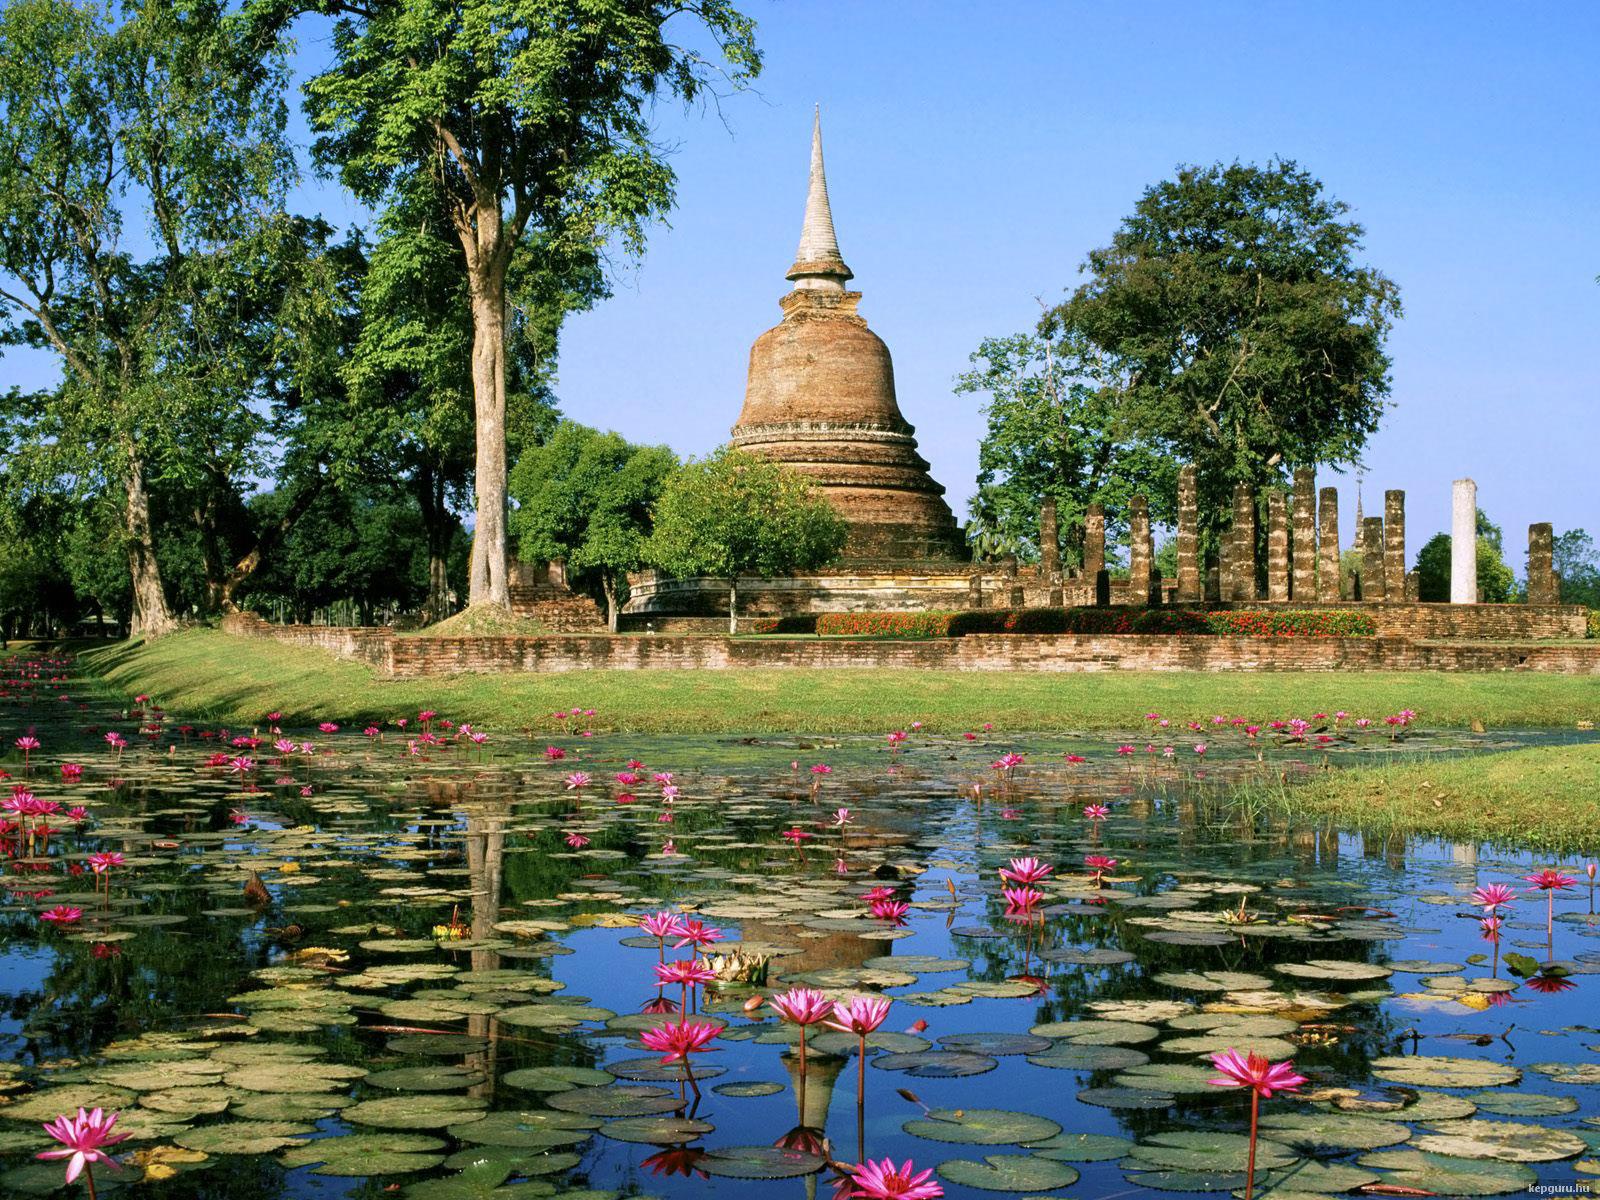 wat-sa-si-sukhothai-tortenelmi-park-thaifold